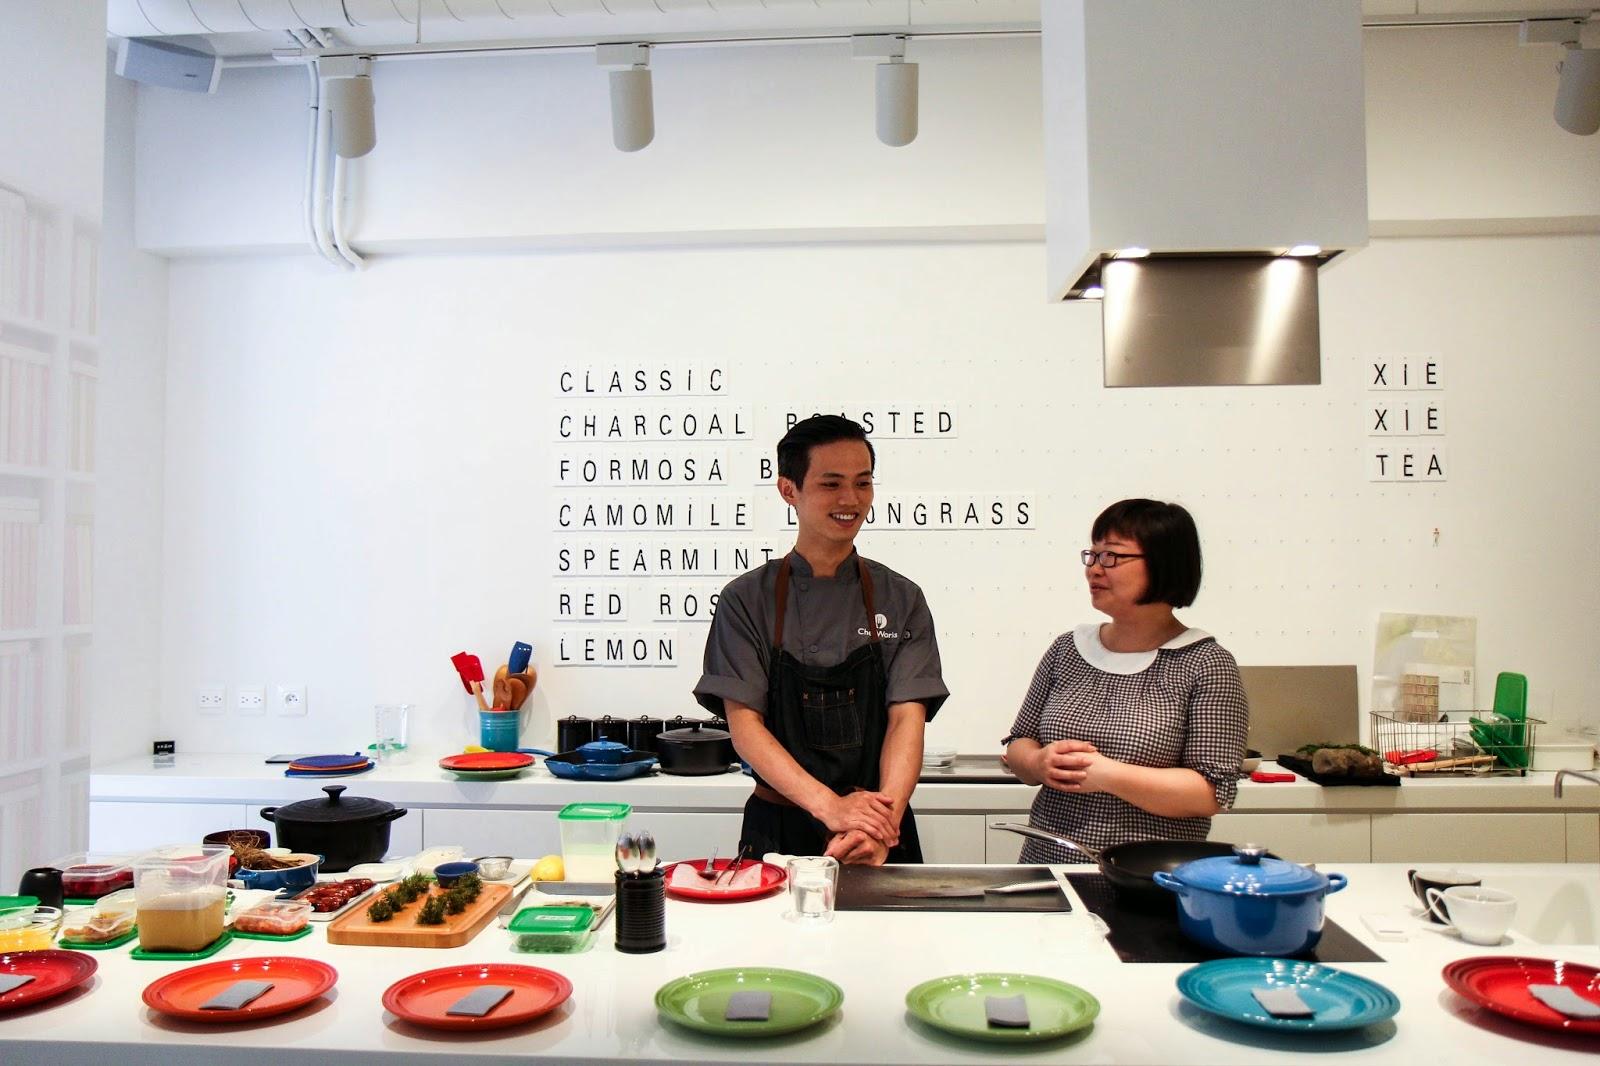 北歐靈感,台灣製造:喬艾爾《北歐廚神》媒體餐會